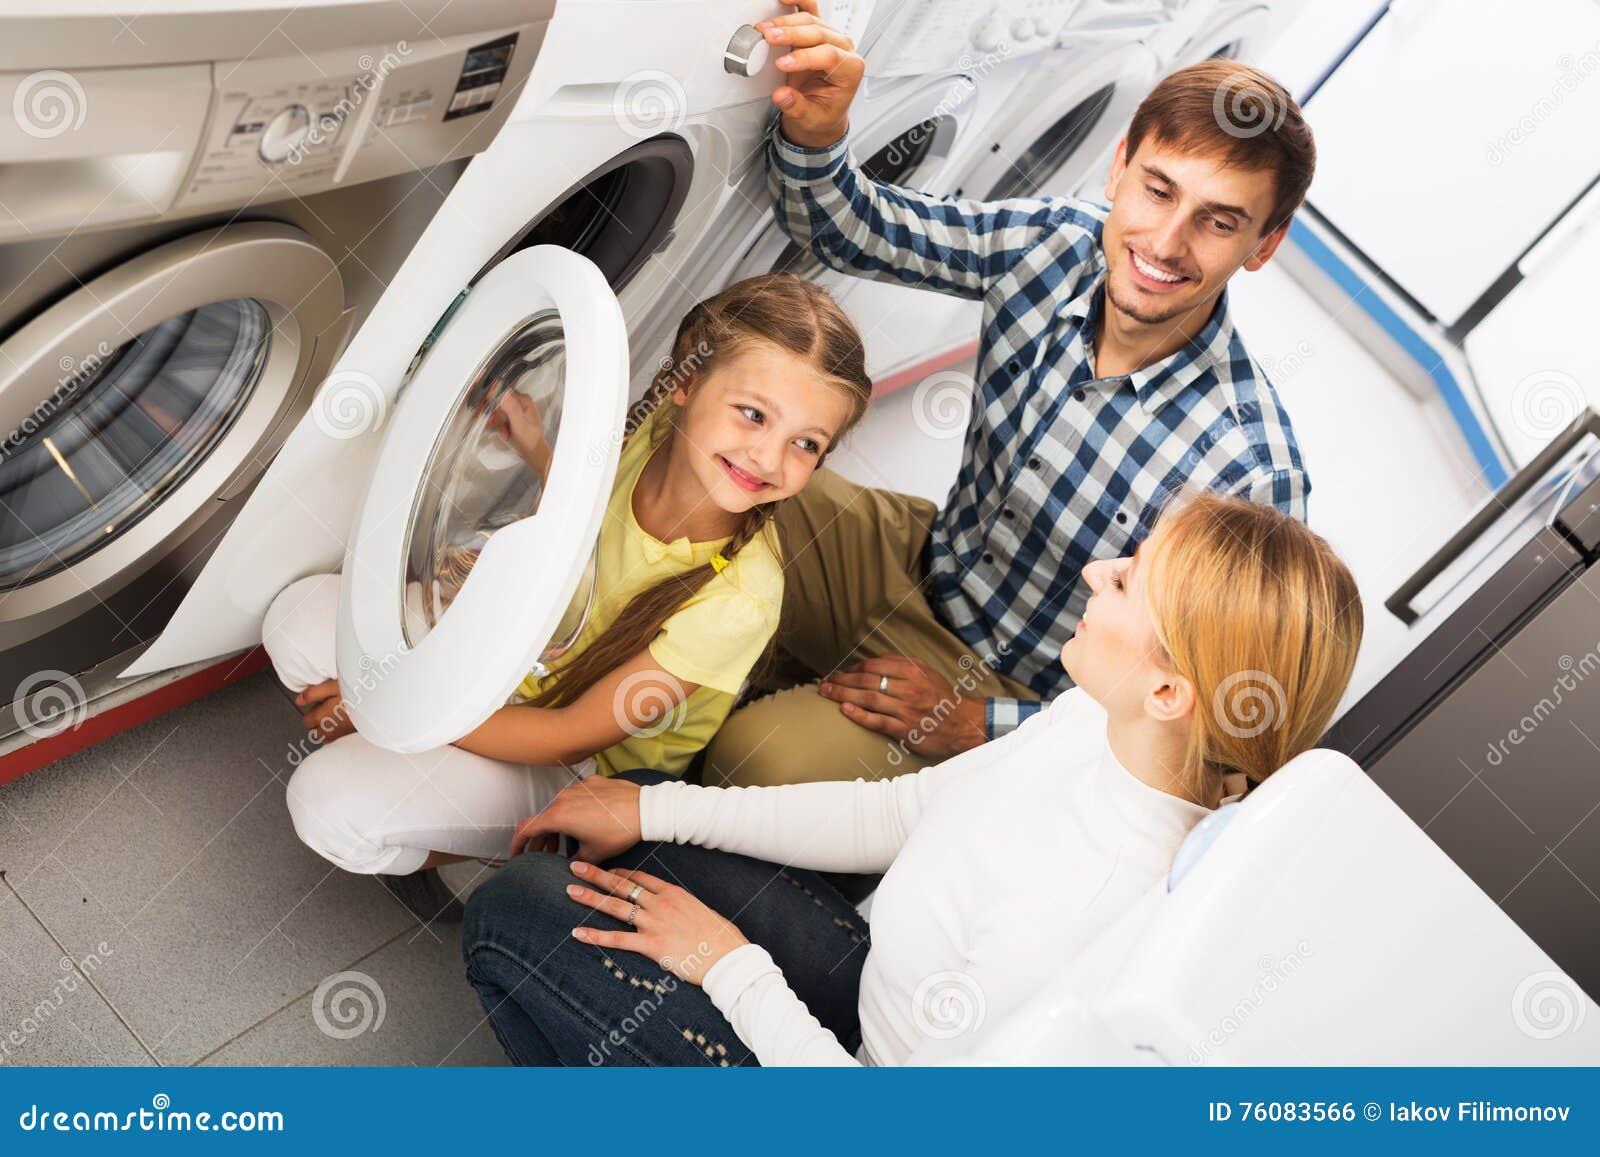 Famille choisissant la machine à laver